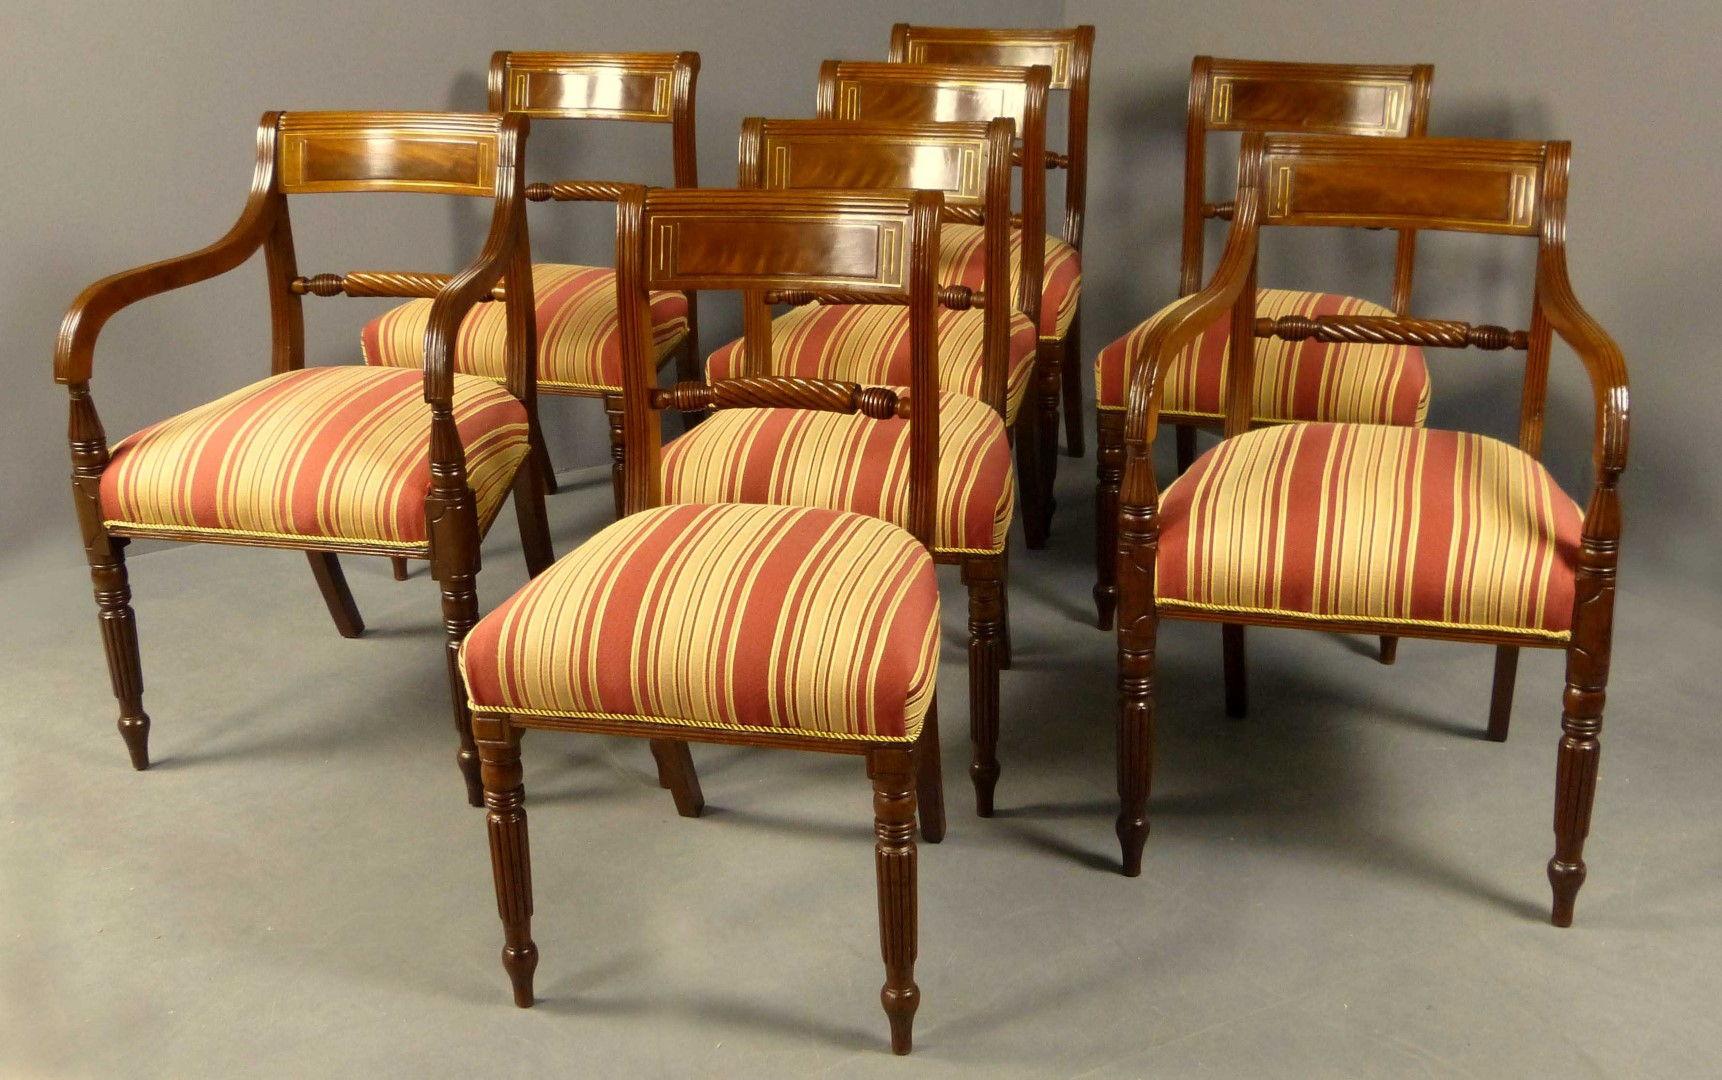 Muebles antiguos armarios antiguos mesas antiguas - Sillas estilo ingles ...